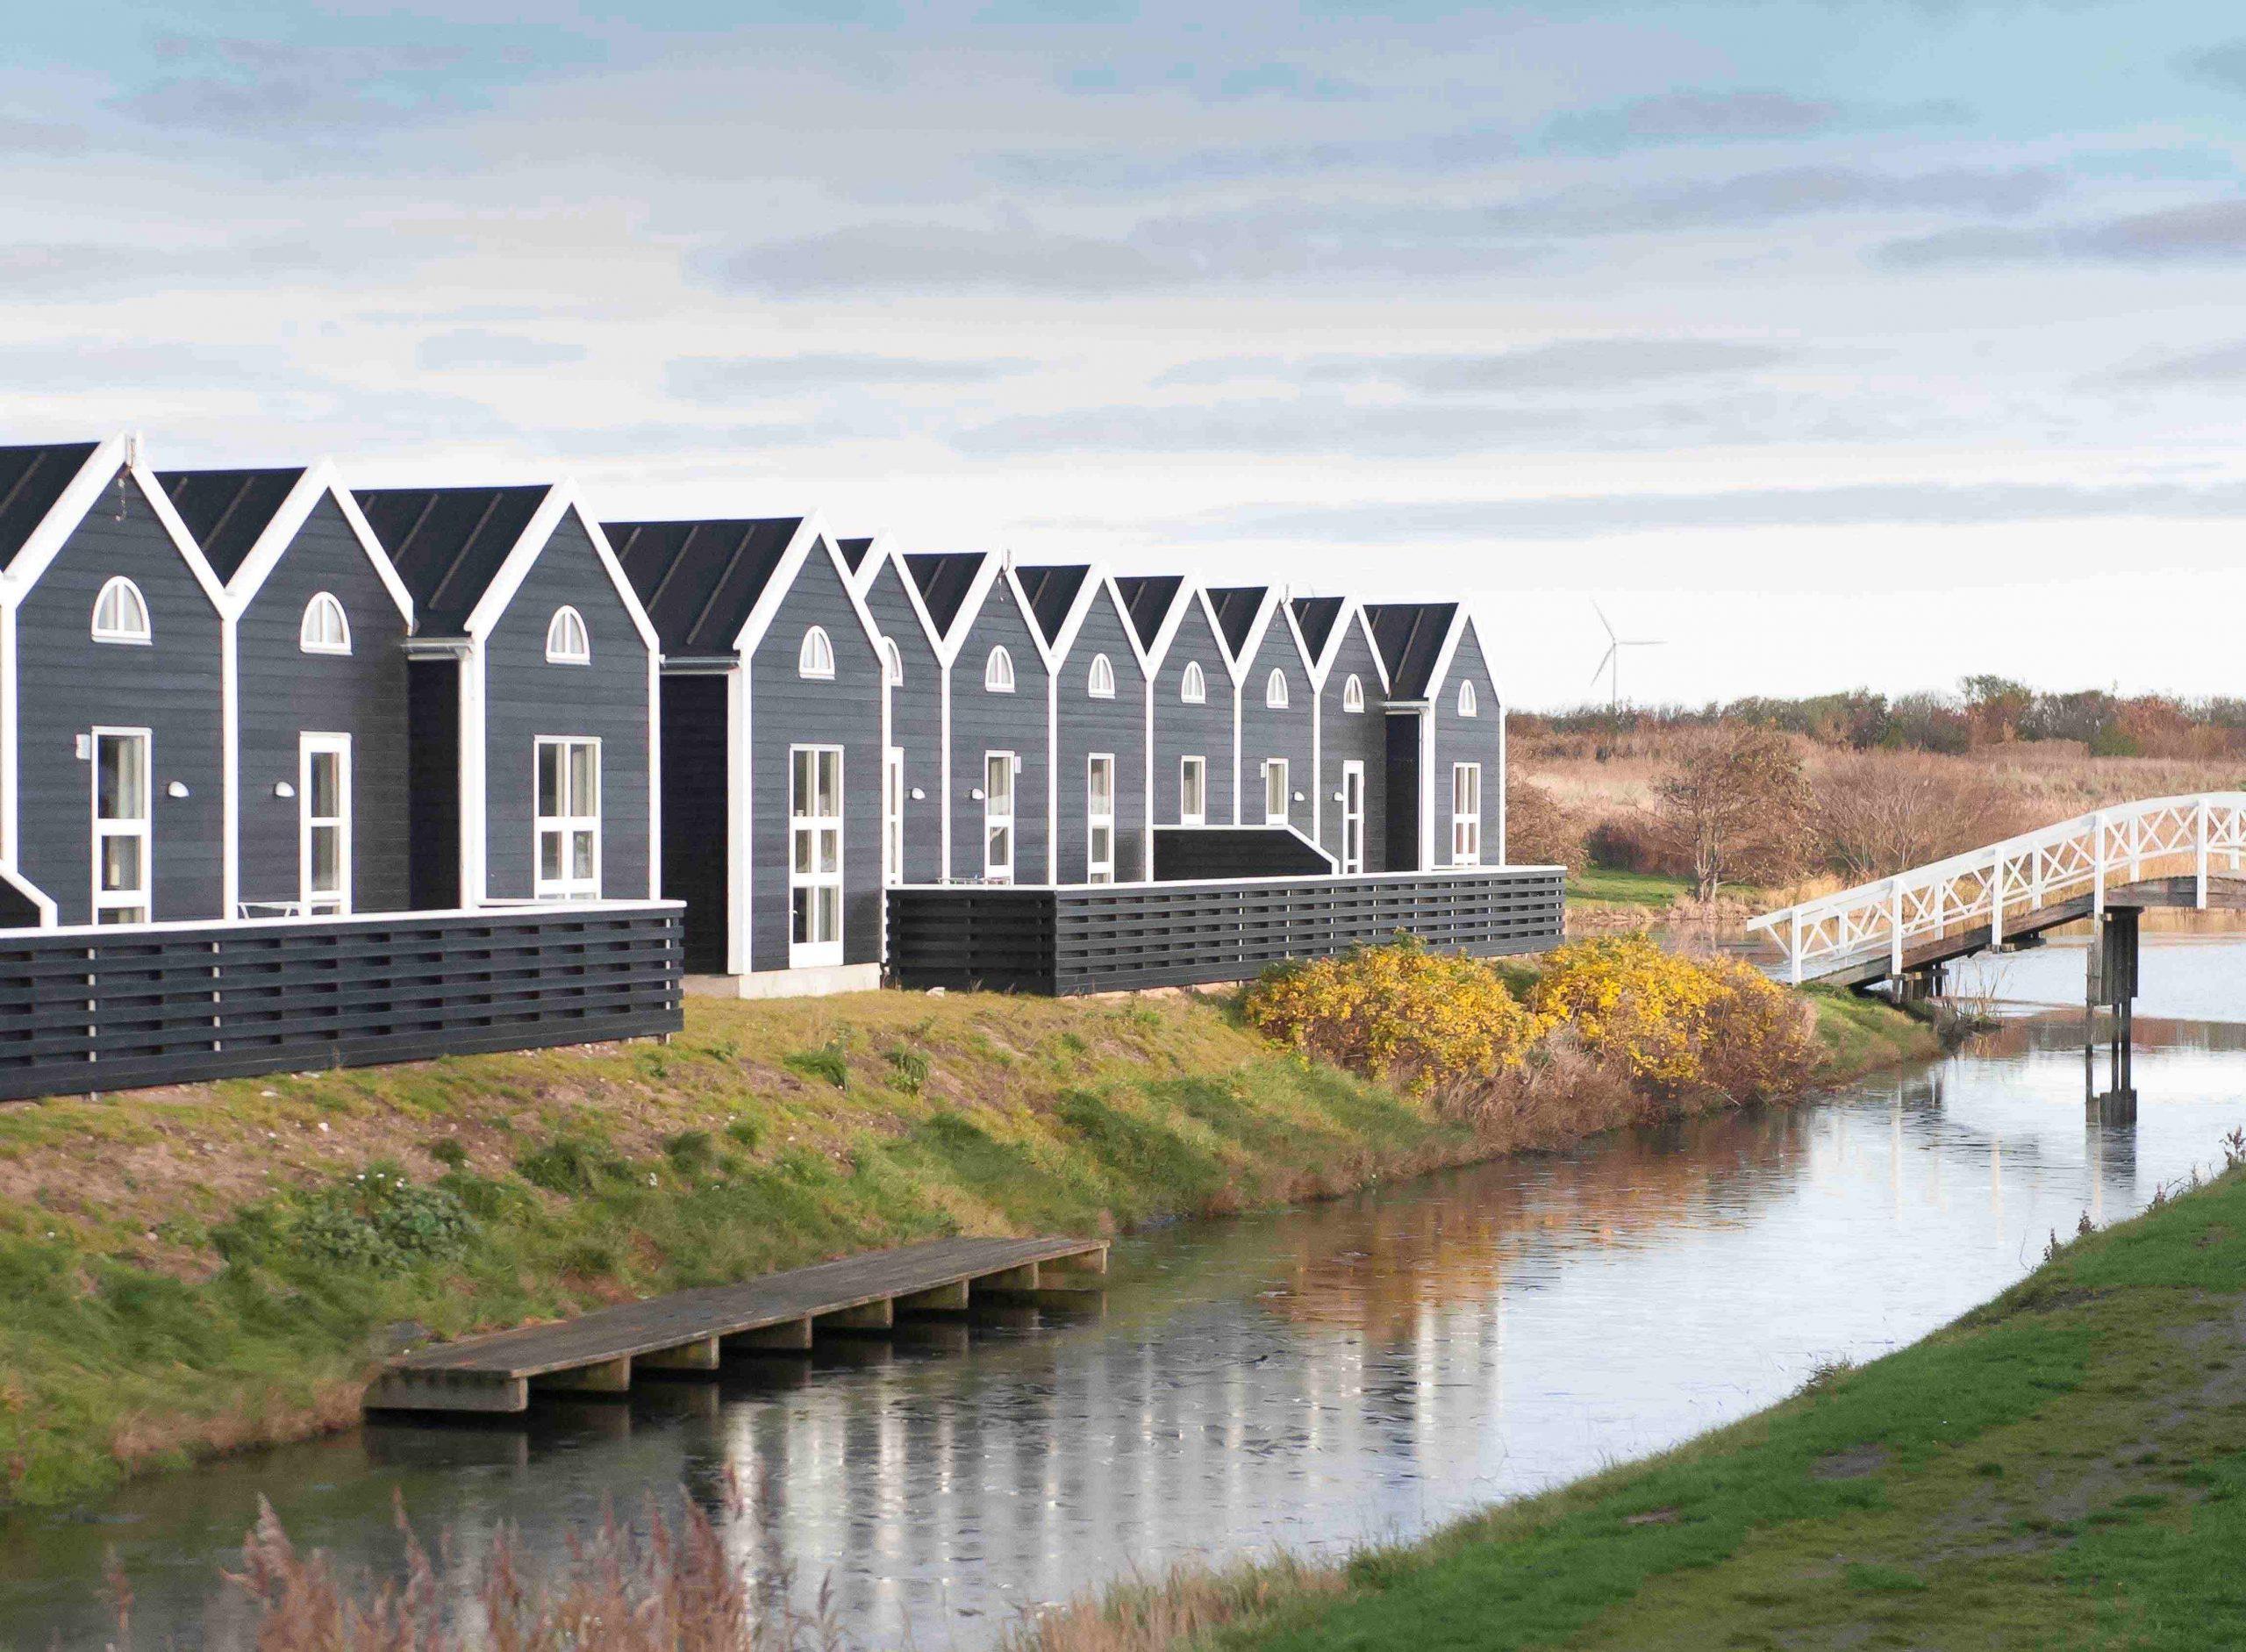 Fremover er det Roompot, som er ejet af den amerikanske kapitalfond KKR, der står bag Rønbjerg og de seks andre feriehusparker i kæden.